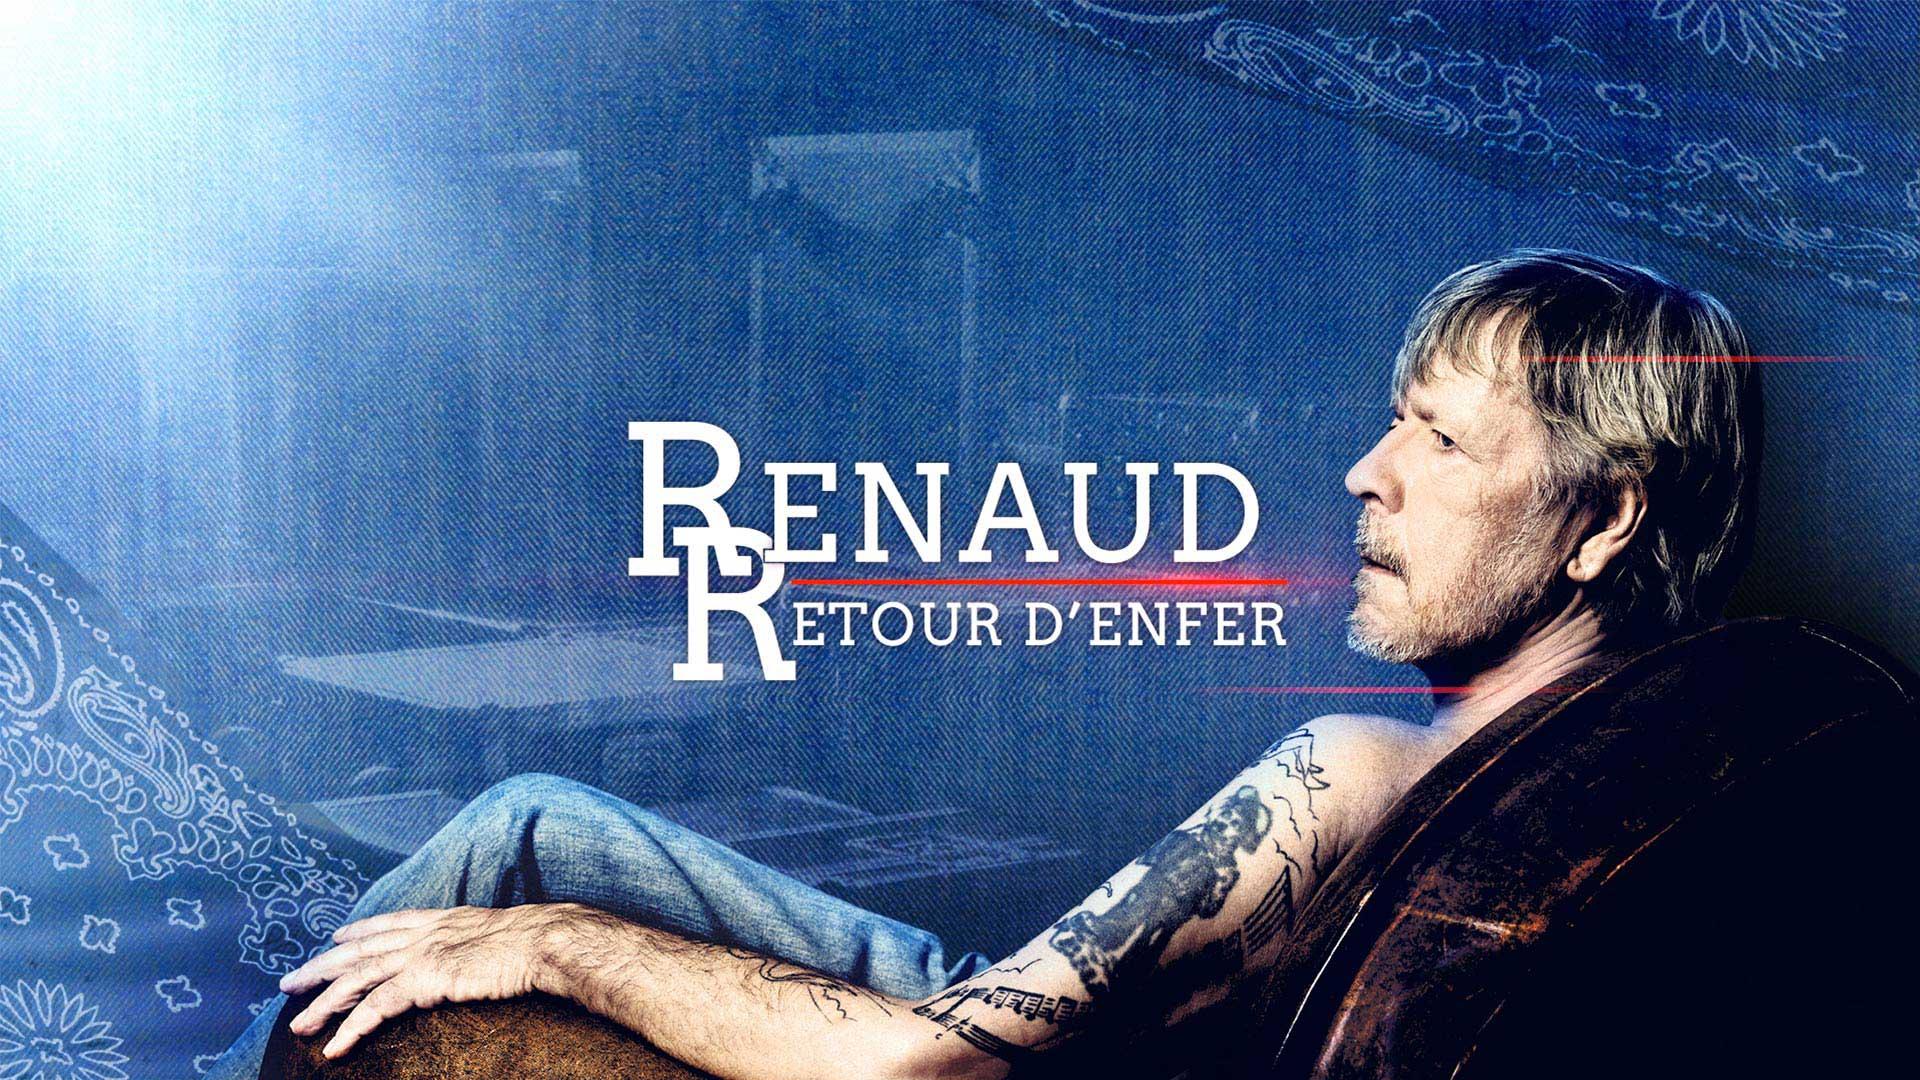 RENAUD RETOUR D'ENFER